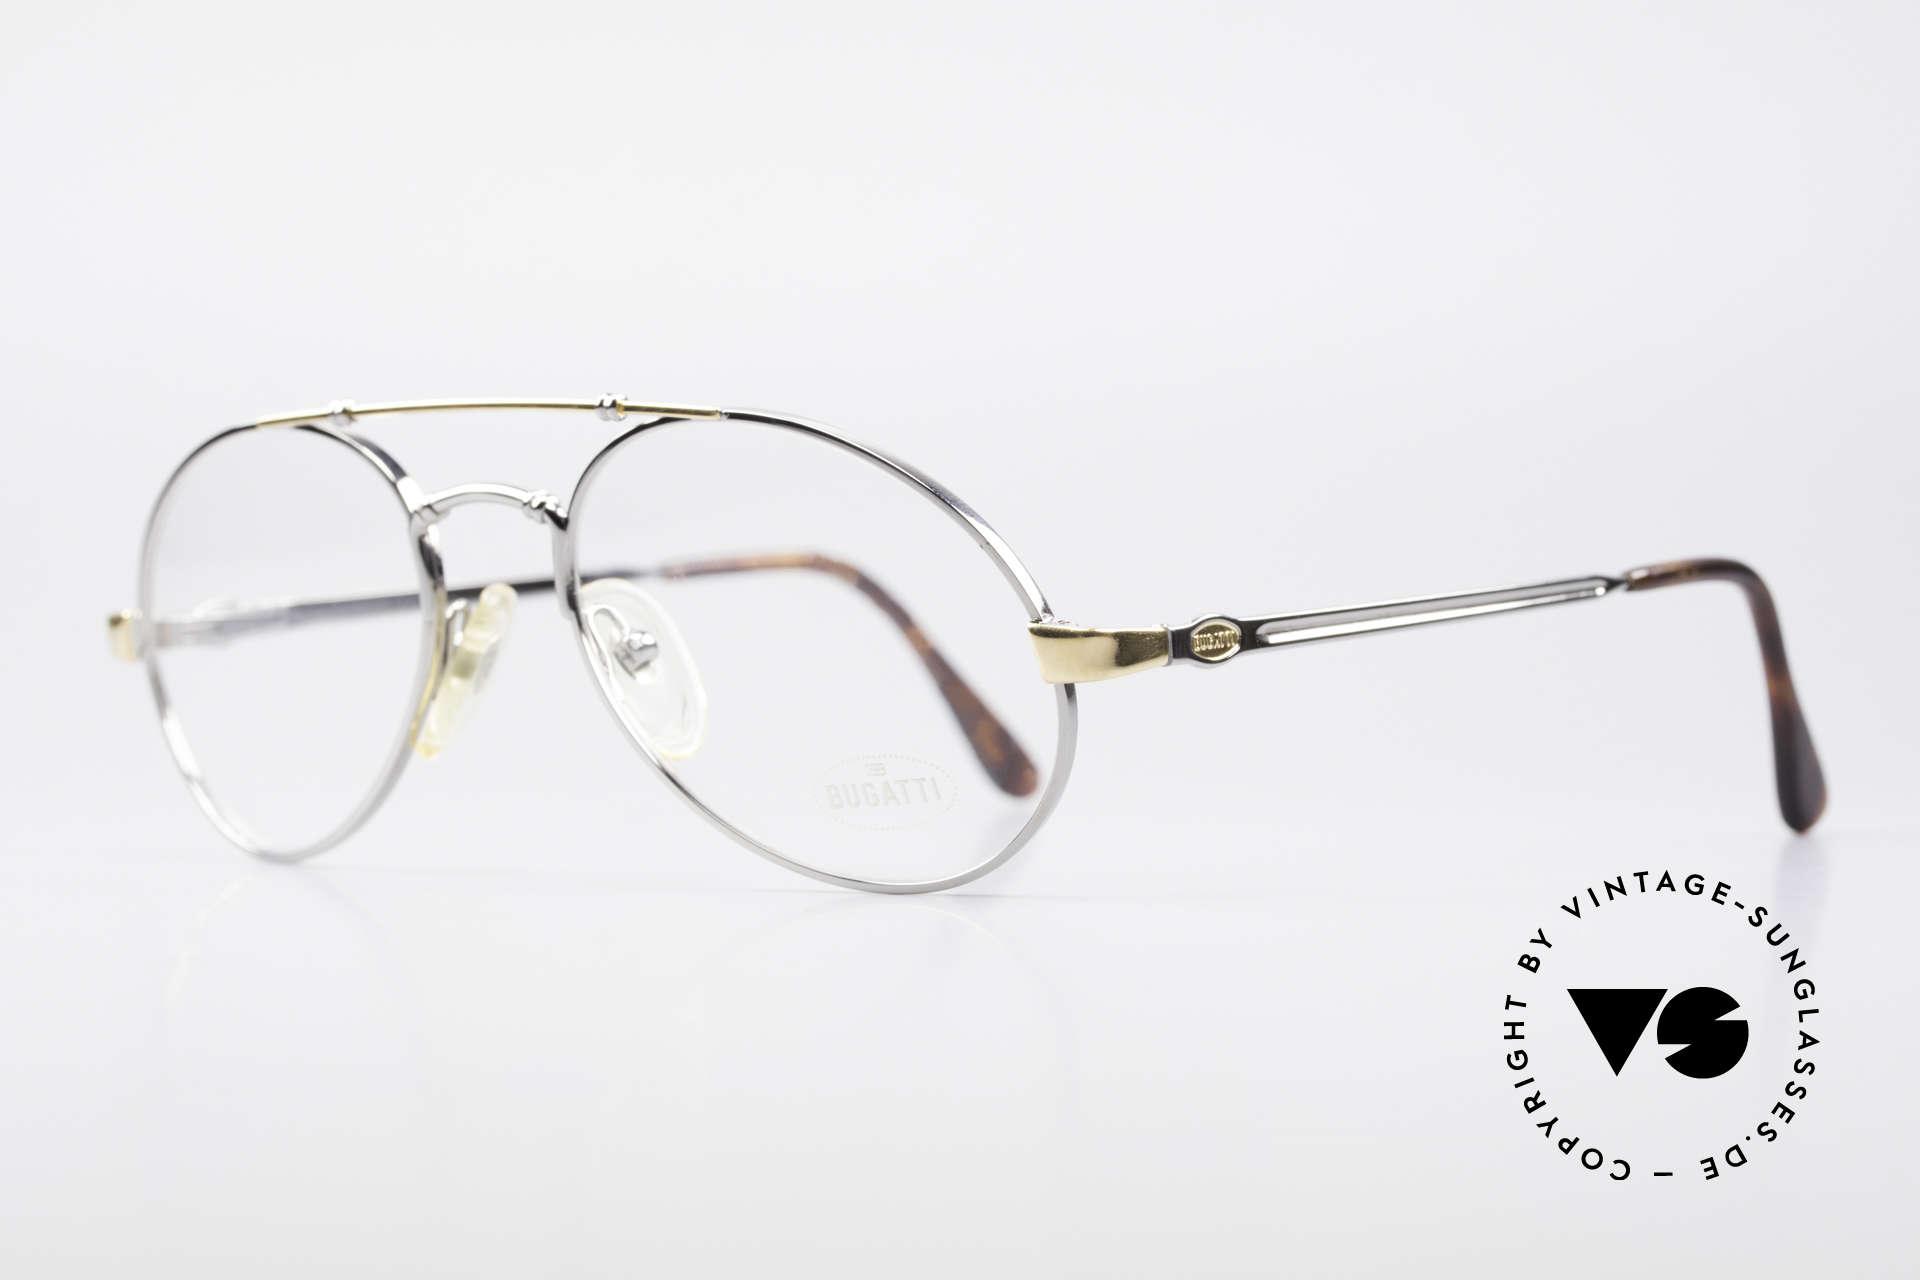 Bugatti 18526 80er Herren Vintage Brille, flexible Federgelenke und exzellente Verarbeitung, Passend für Herren